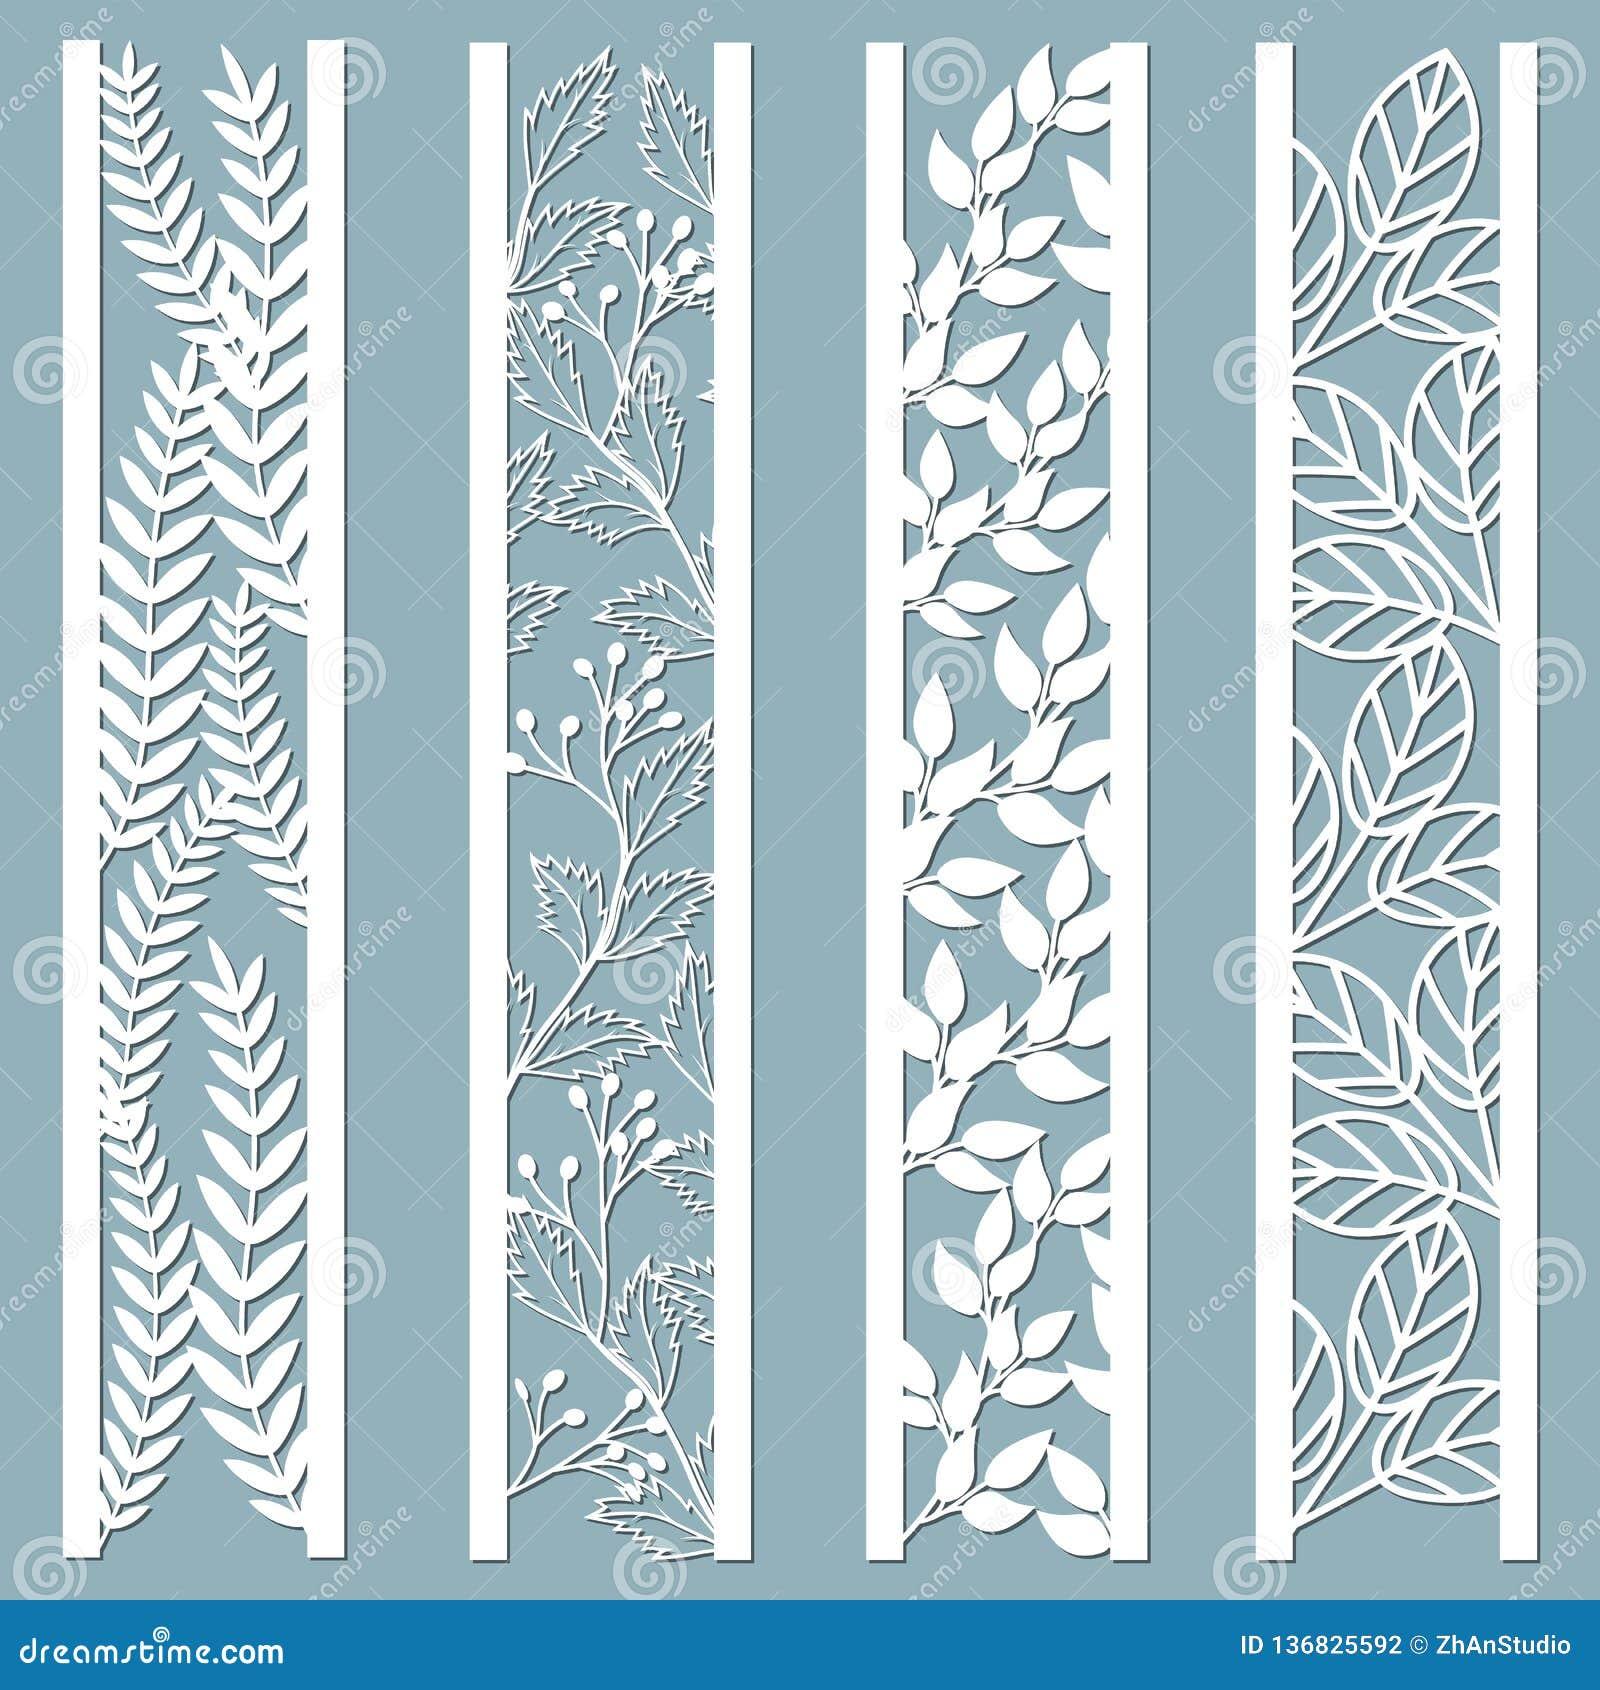 Dö, och laser klippte dekorativa paneler med den blom- modellen sidor bär, ormbunke Laser klippte dekorativt snör åt gränsmodelle